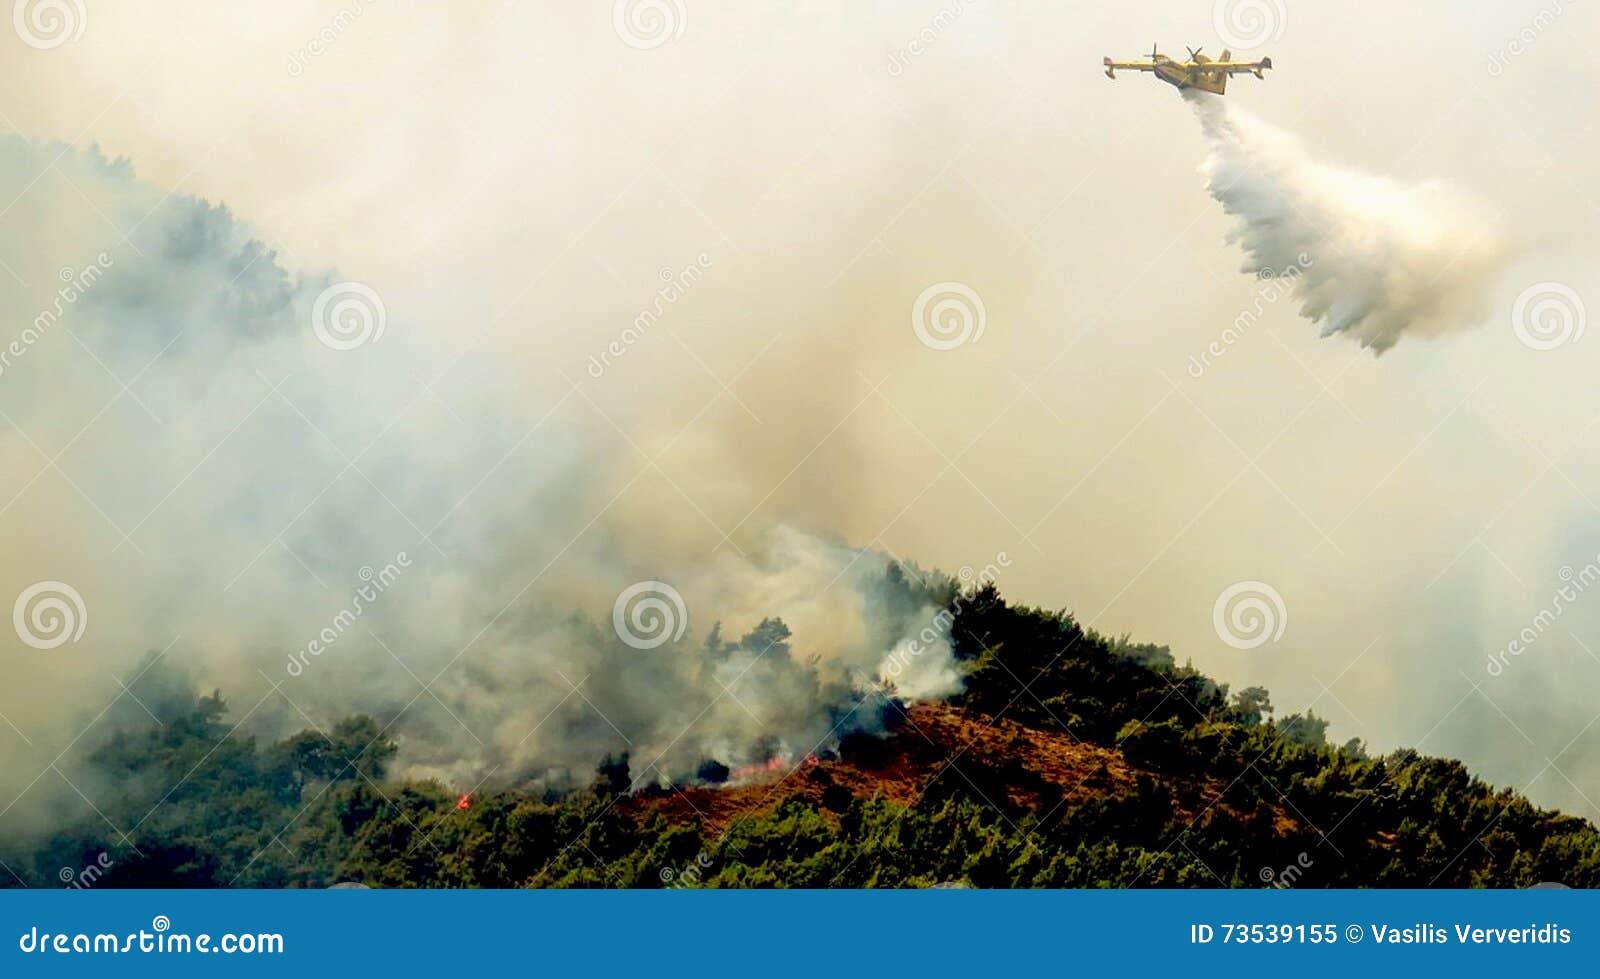 Πυρκαγιά στις δασικές περιοχές στη Βοιωτία στην κεντρική Ελλάδα